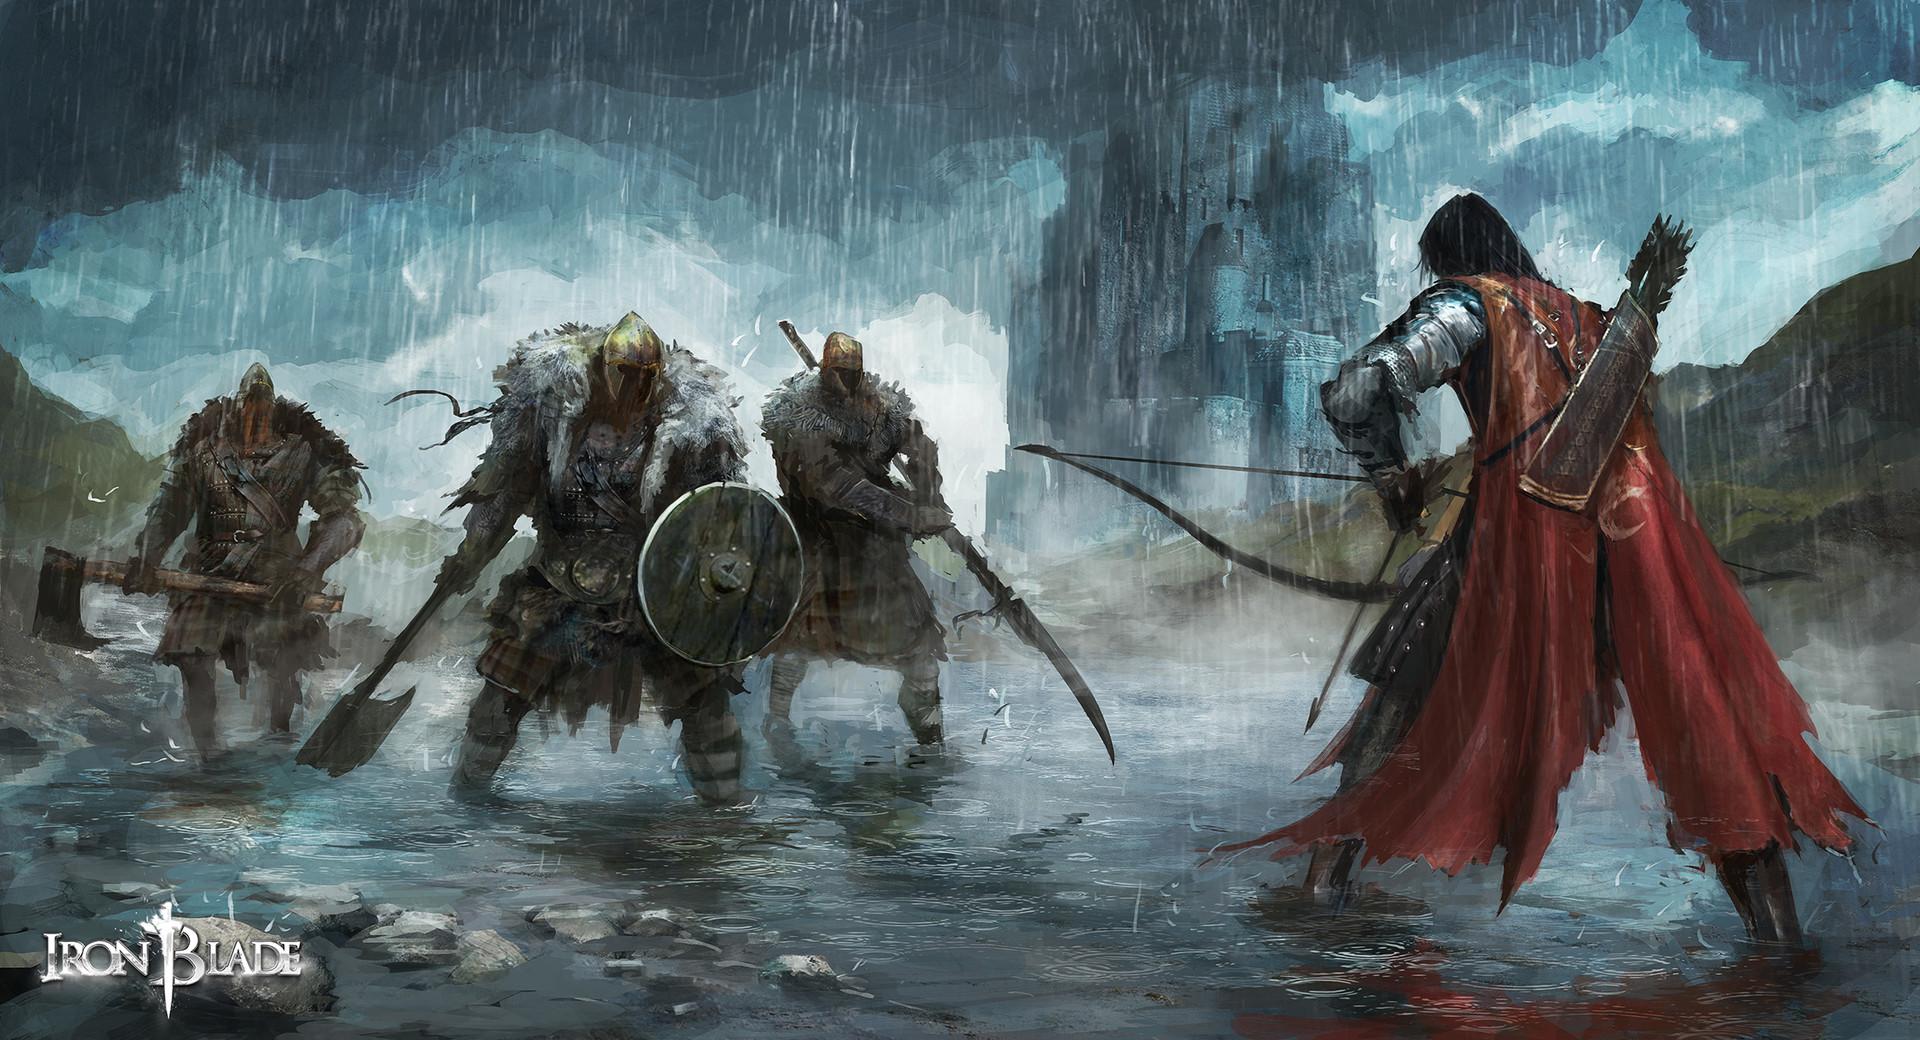 Alexandre chaudret gca fantasy illustration 05